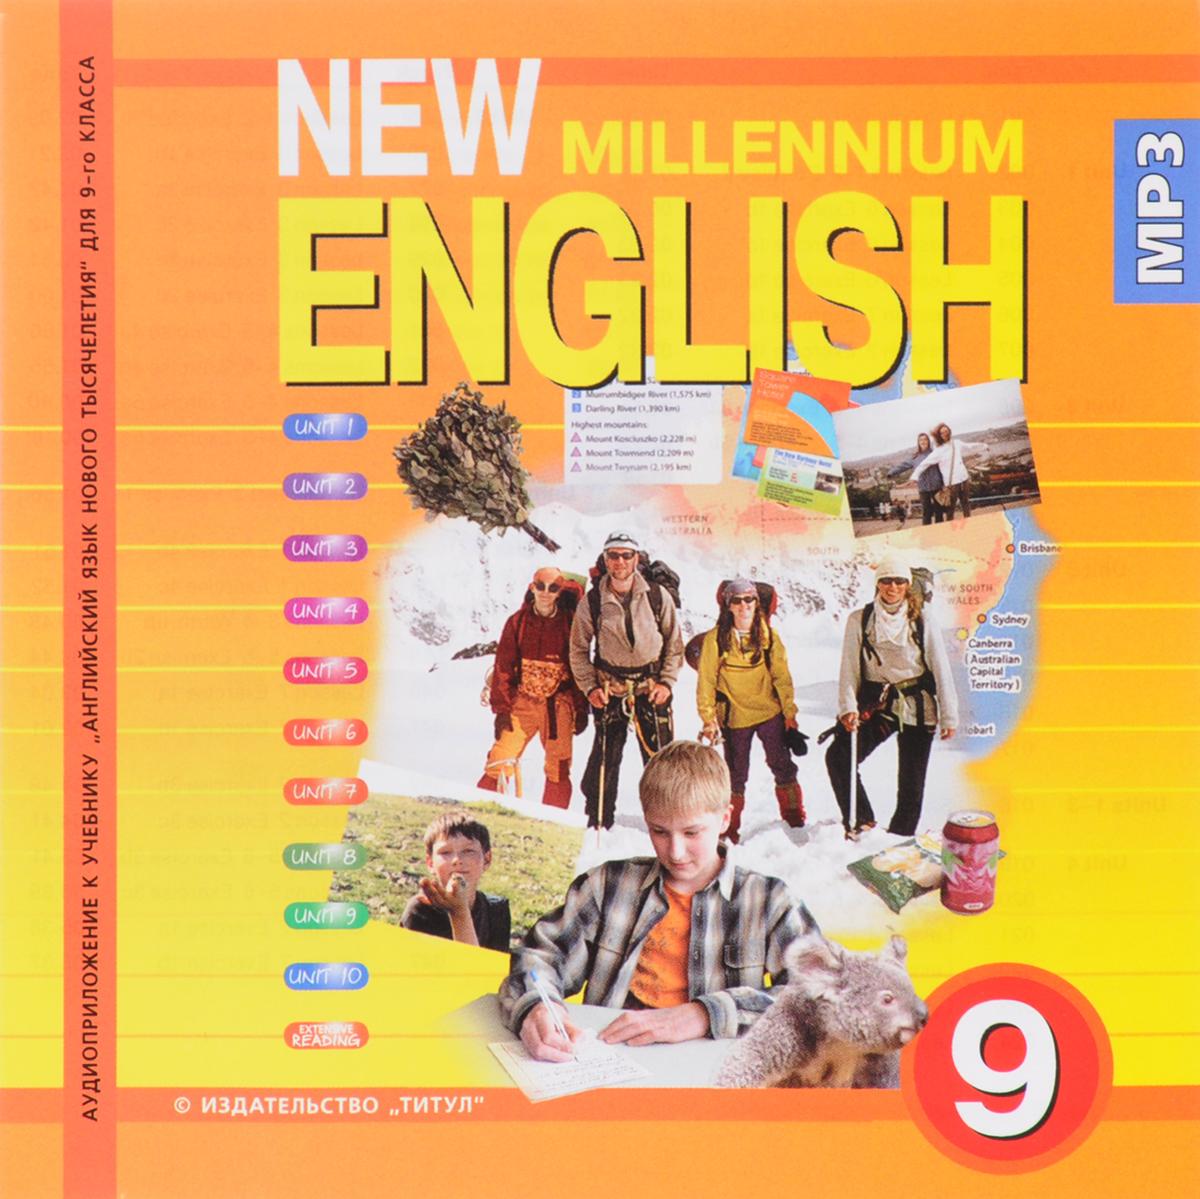 New Millennium English 9 / Английский язык. 9 класс (аудиокурс MP3)